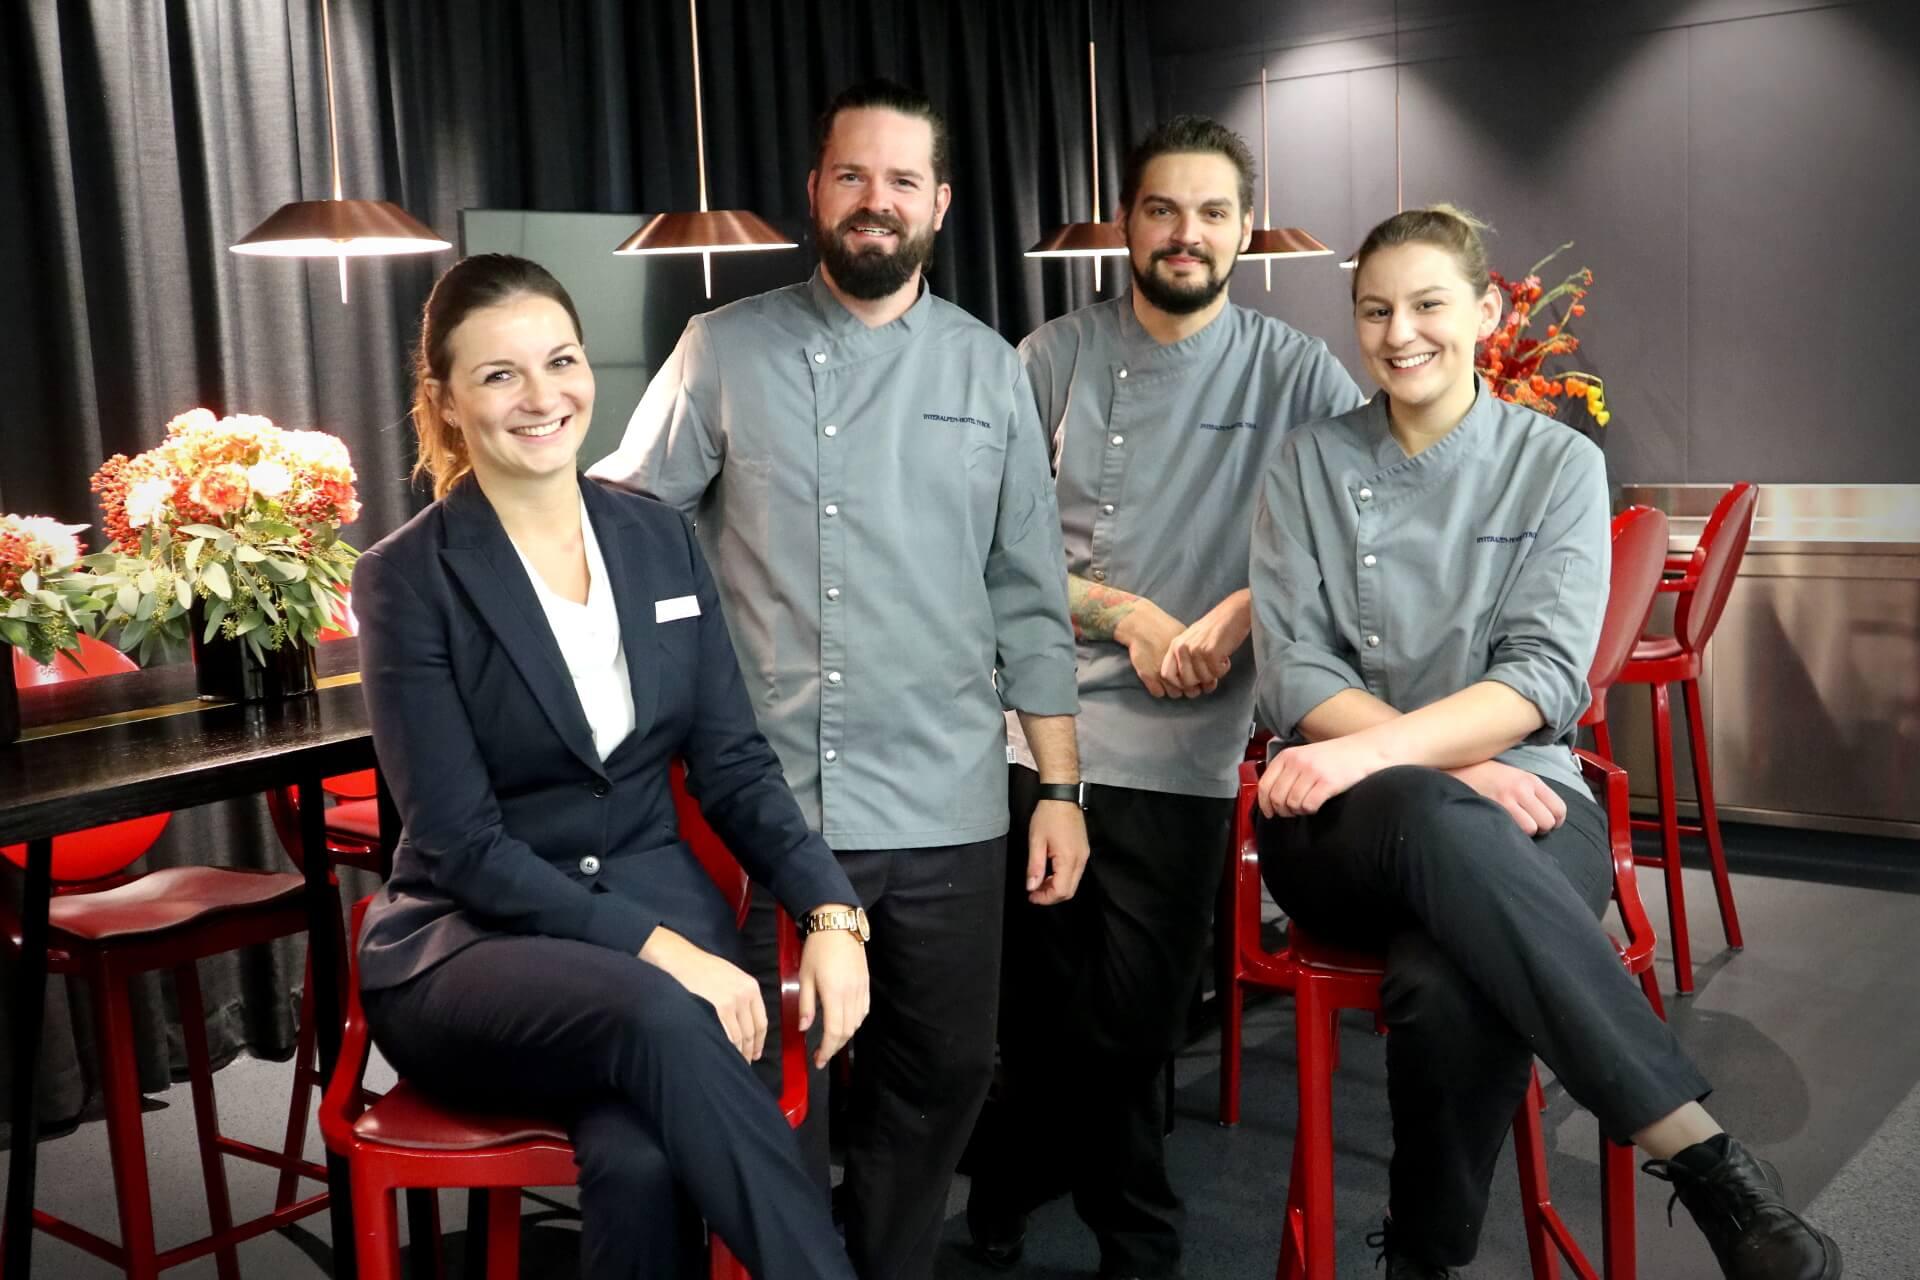 Theresa Lichtmannegger (Chef Sommelière), Mario Döring (Küchenchef), Daniel Senst (Stv. Küchenchef), Nadine Hicker (Chef Patissière)